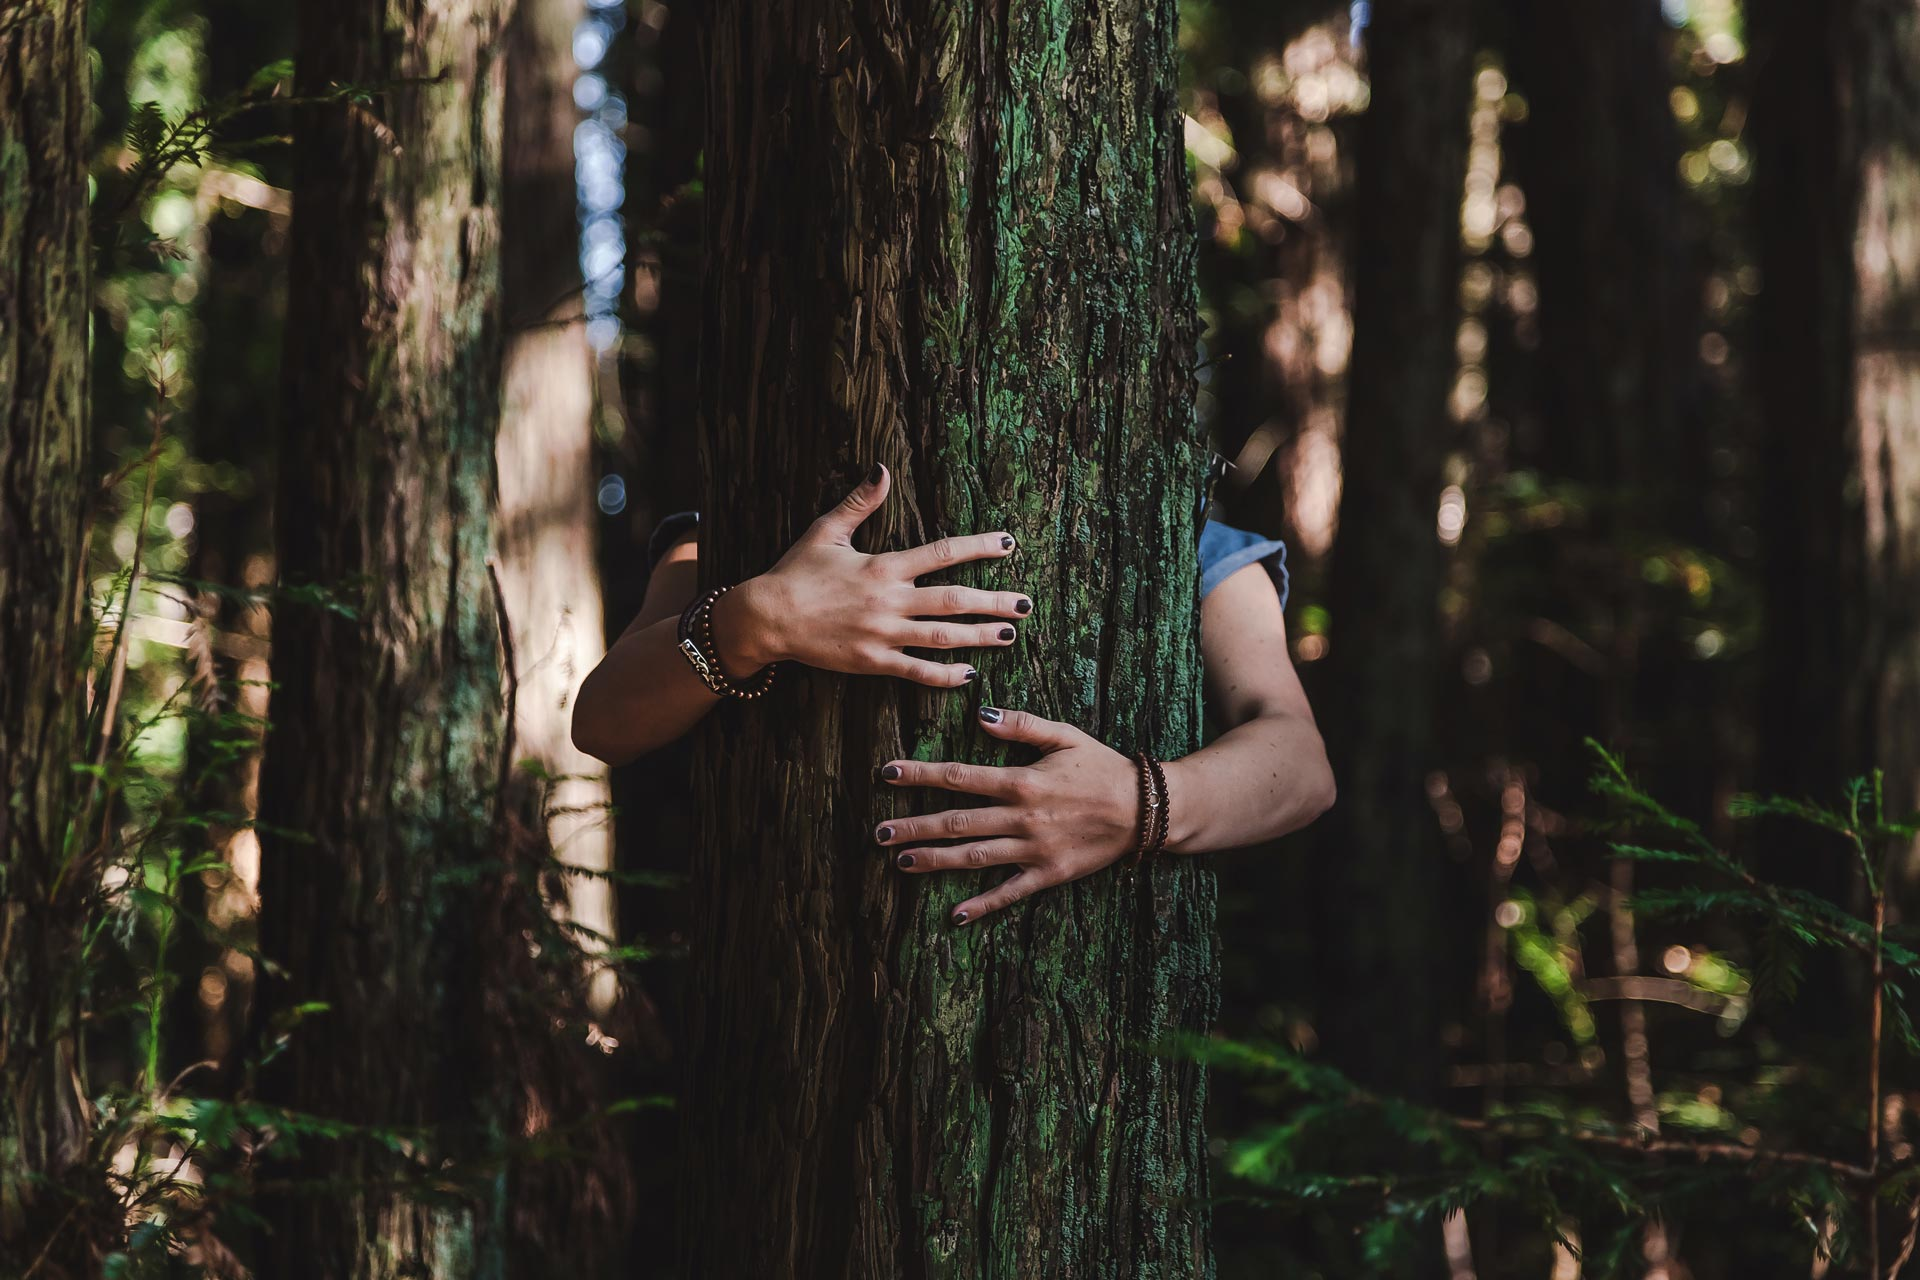 Abrazando un árbol en el bosque